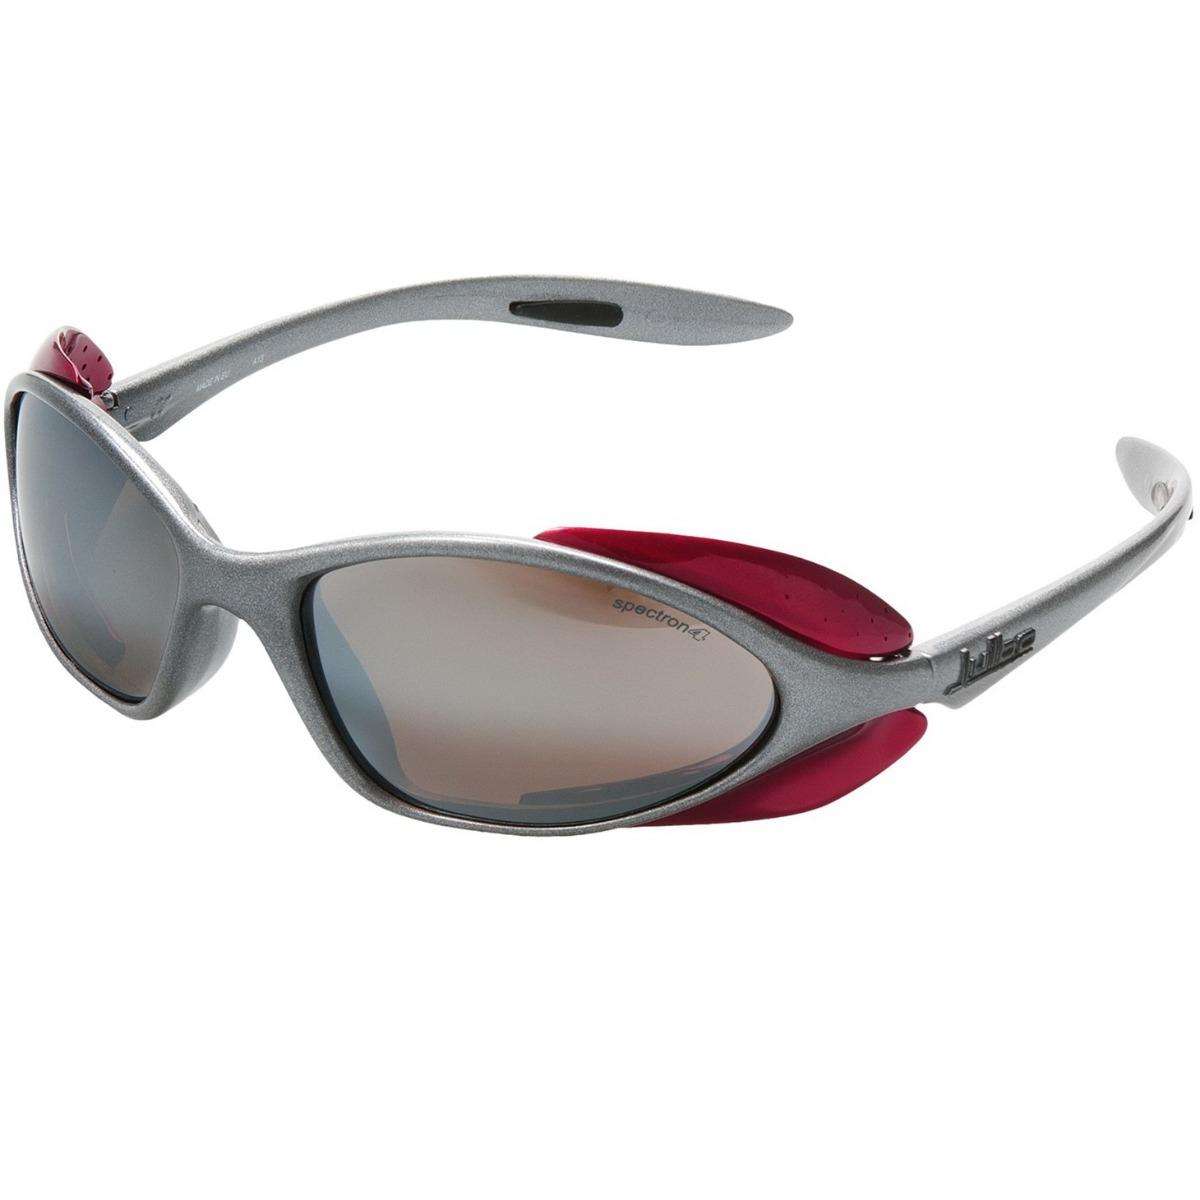 1416754bef julbo nomad gafas de sol con escudos laterales desmontables. Cargando zoom.